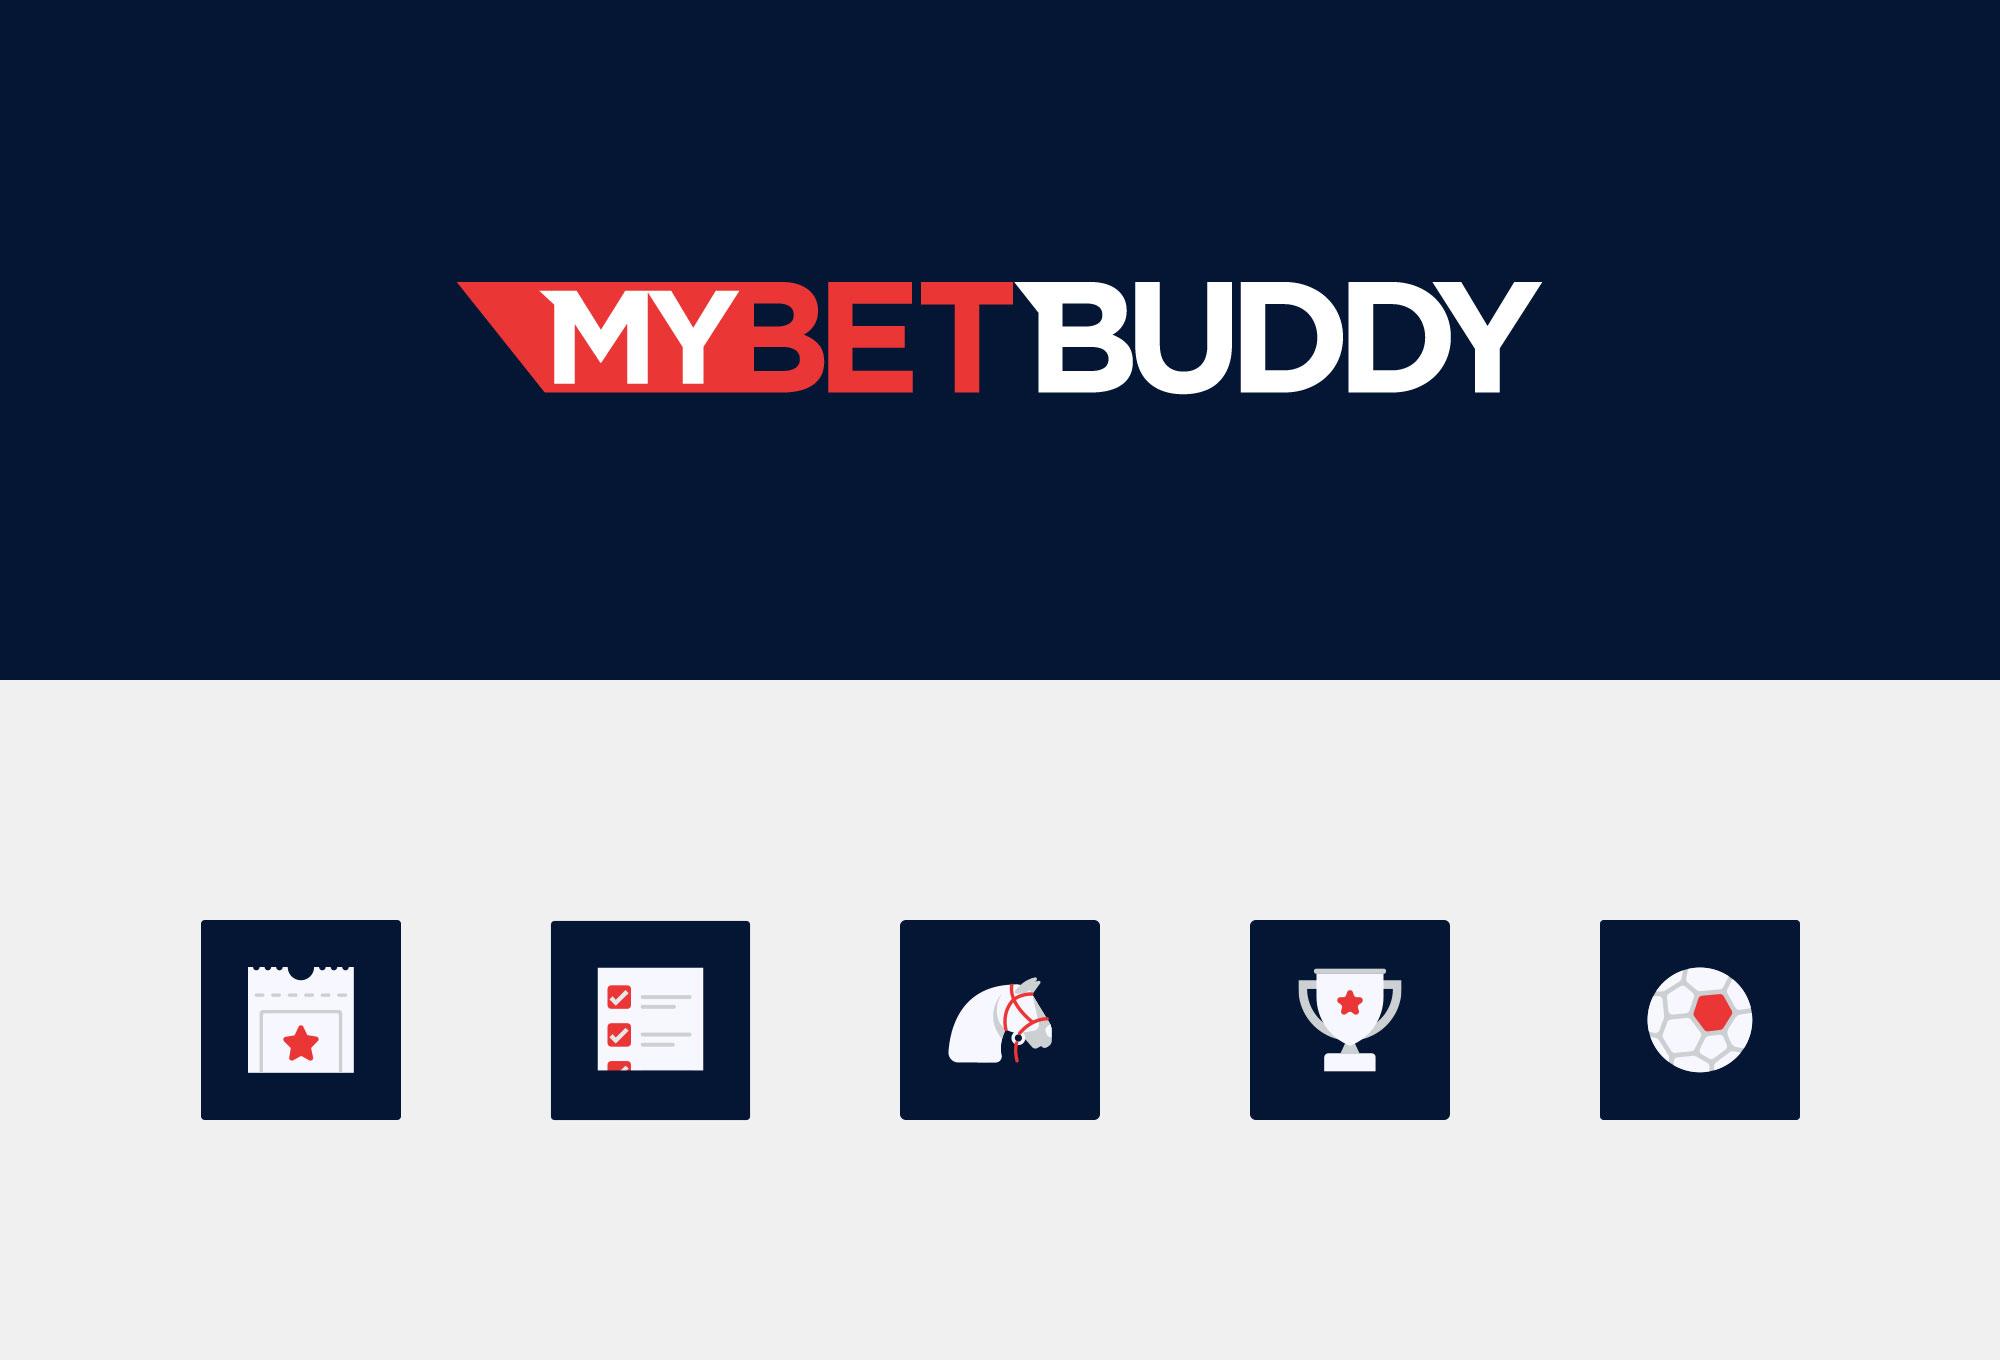 MyBetBuddy Logos